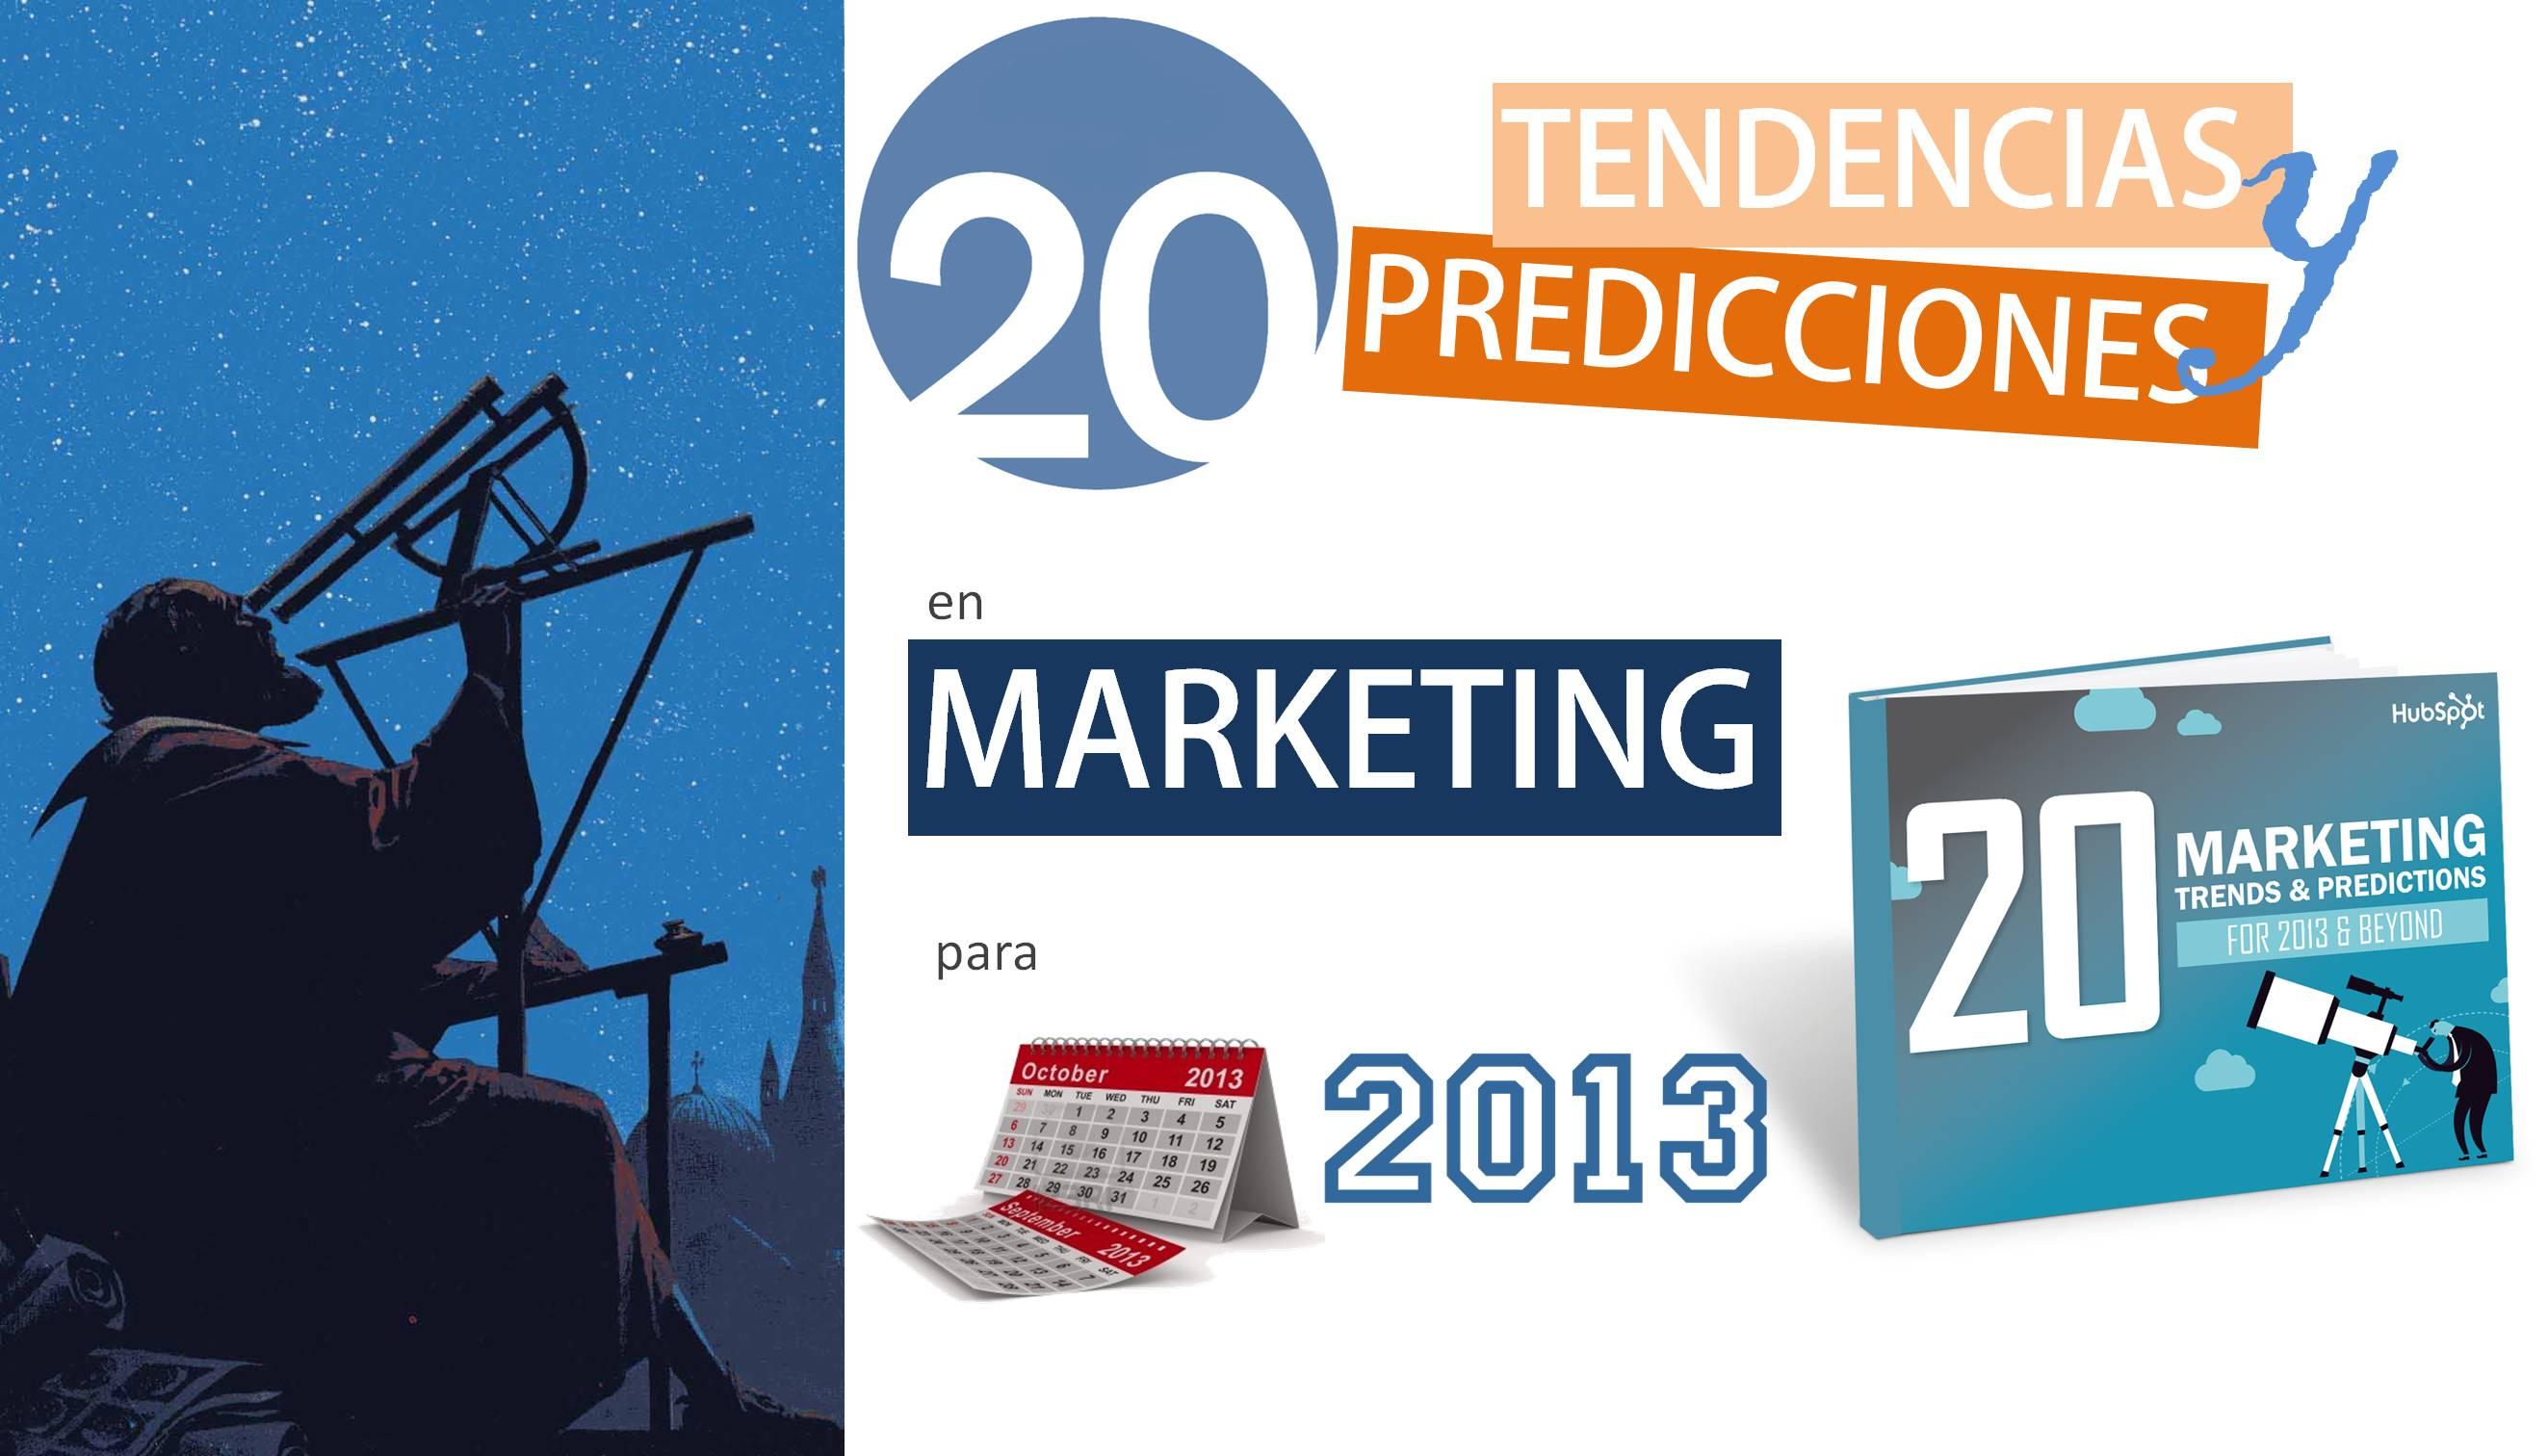 20 tendencias y predicciones en marketing para 2013